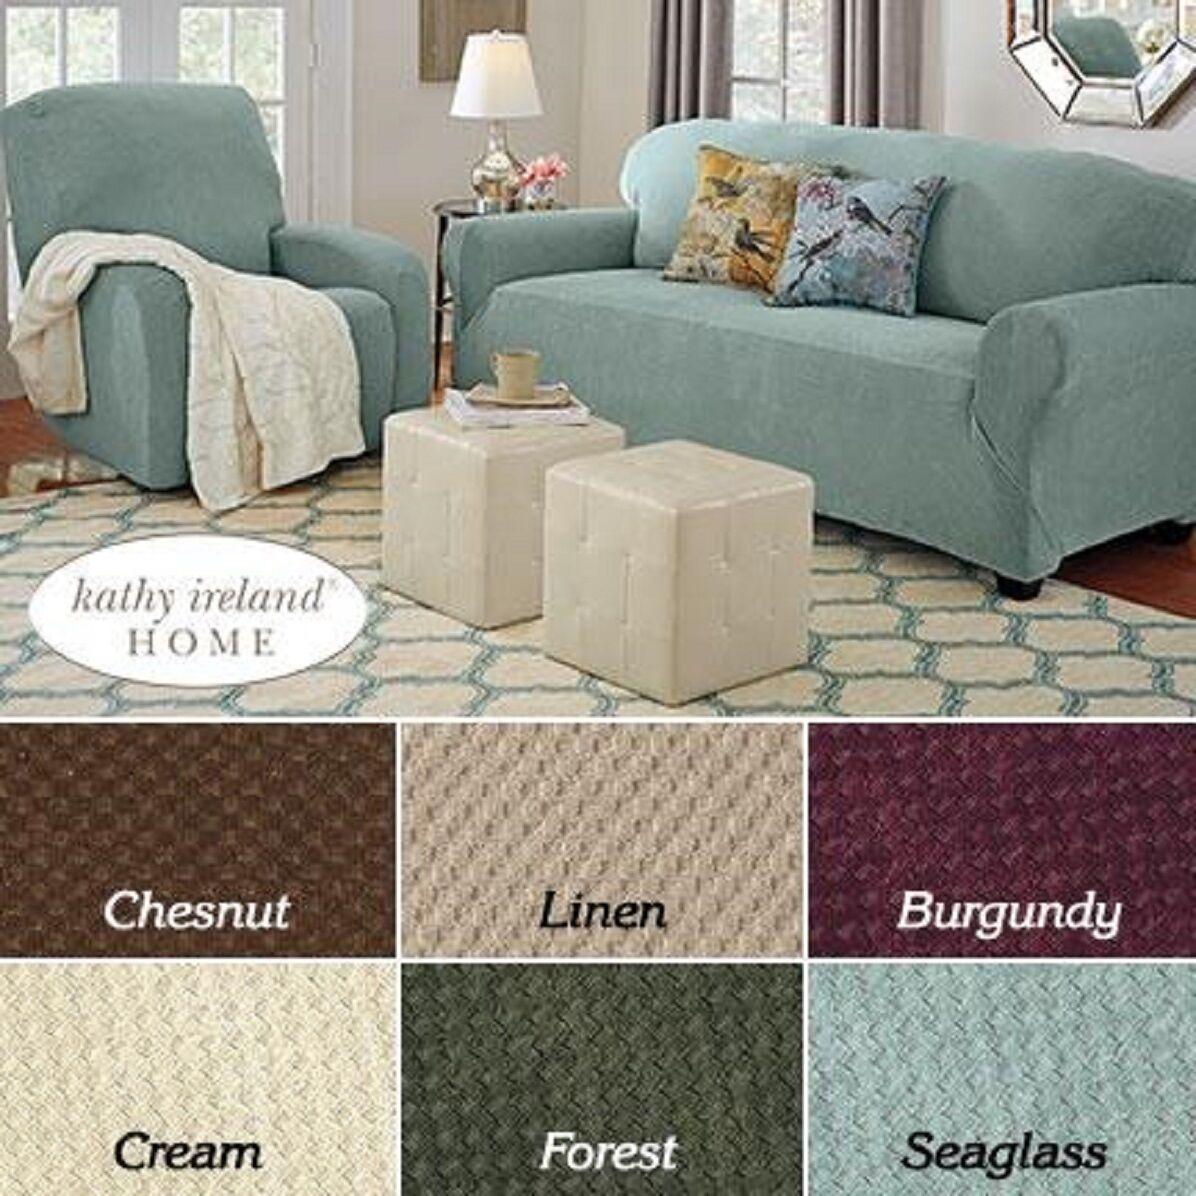 Pique Stretch Furniture Slipcover Loveseat Dark Burgundy Cover NEW Furniture